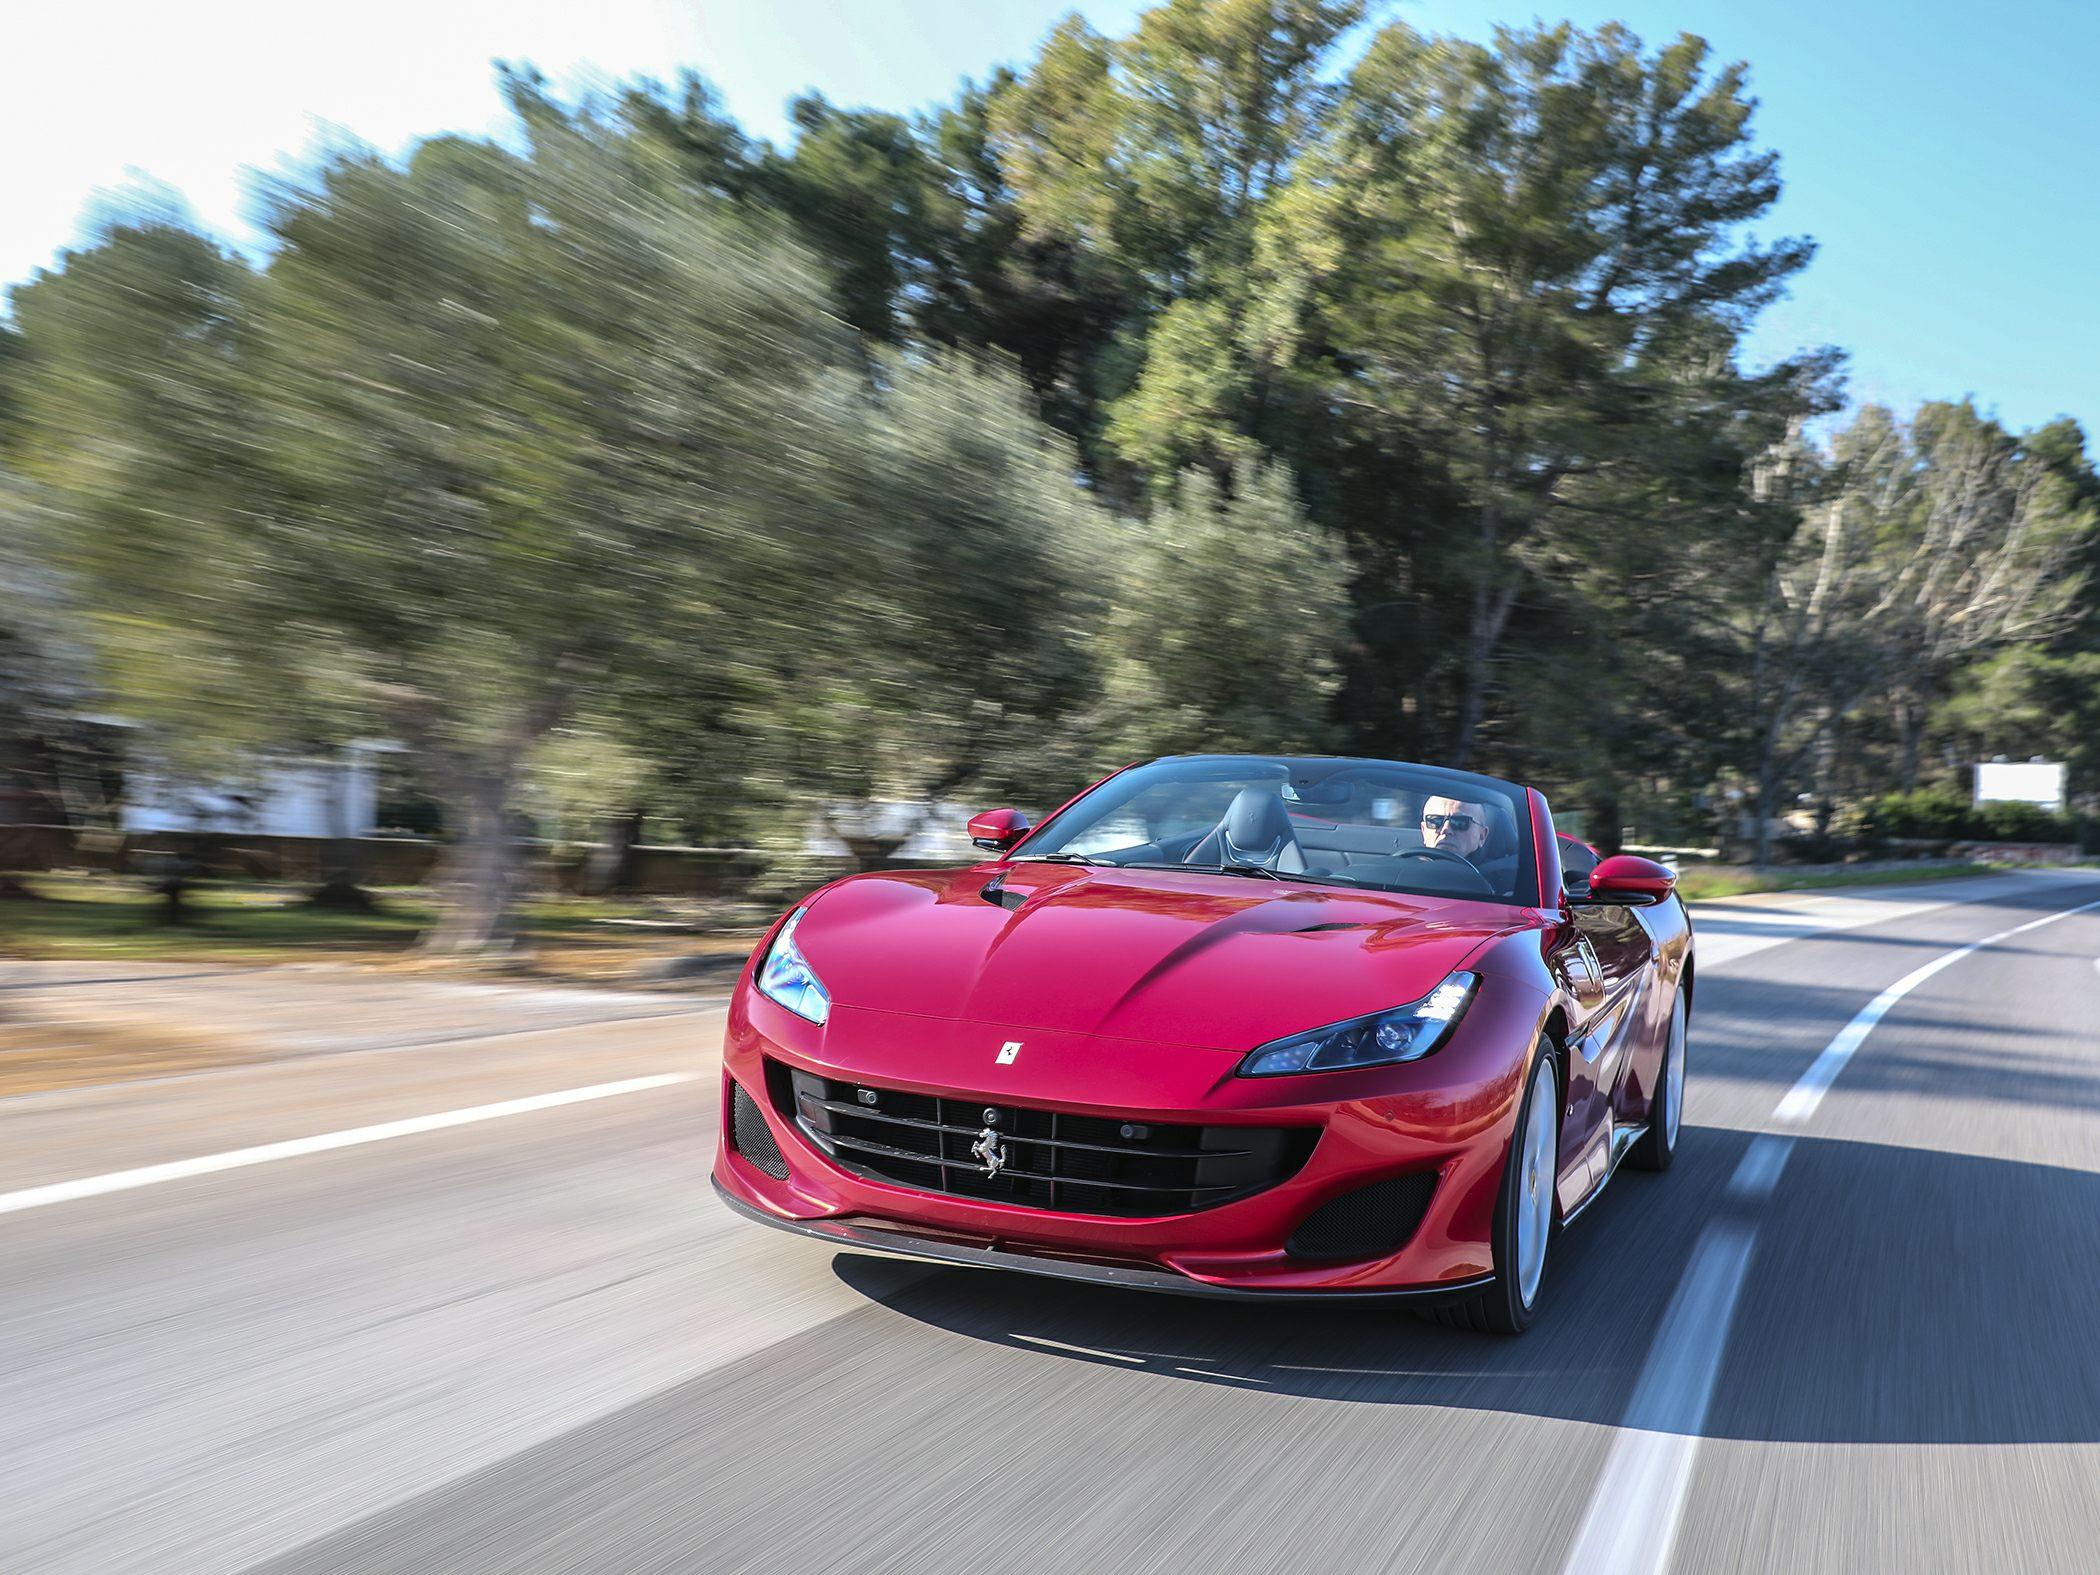 2020 Ferrari Portofino Base 2dr Rear Wheel Drive Convertible Pricing And Options